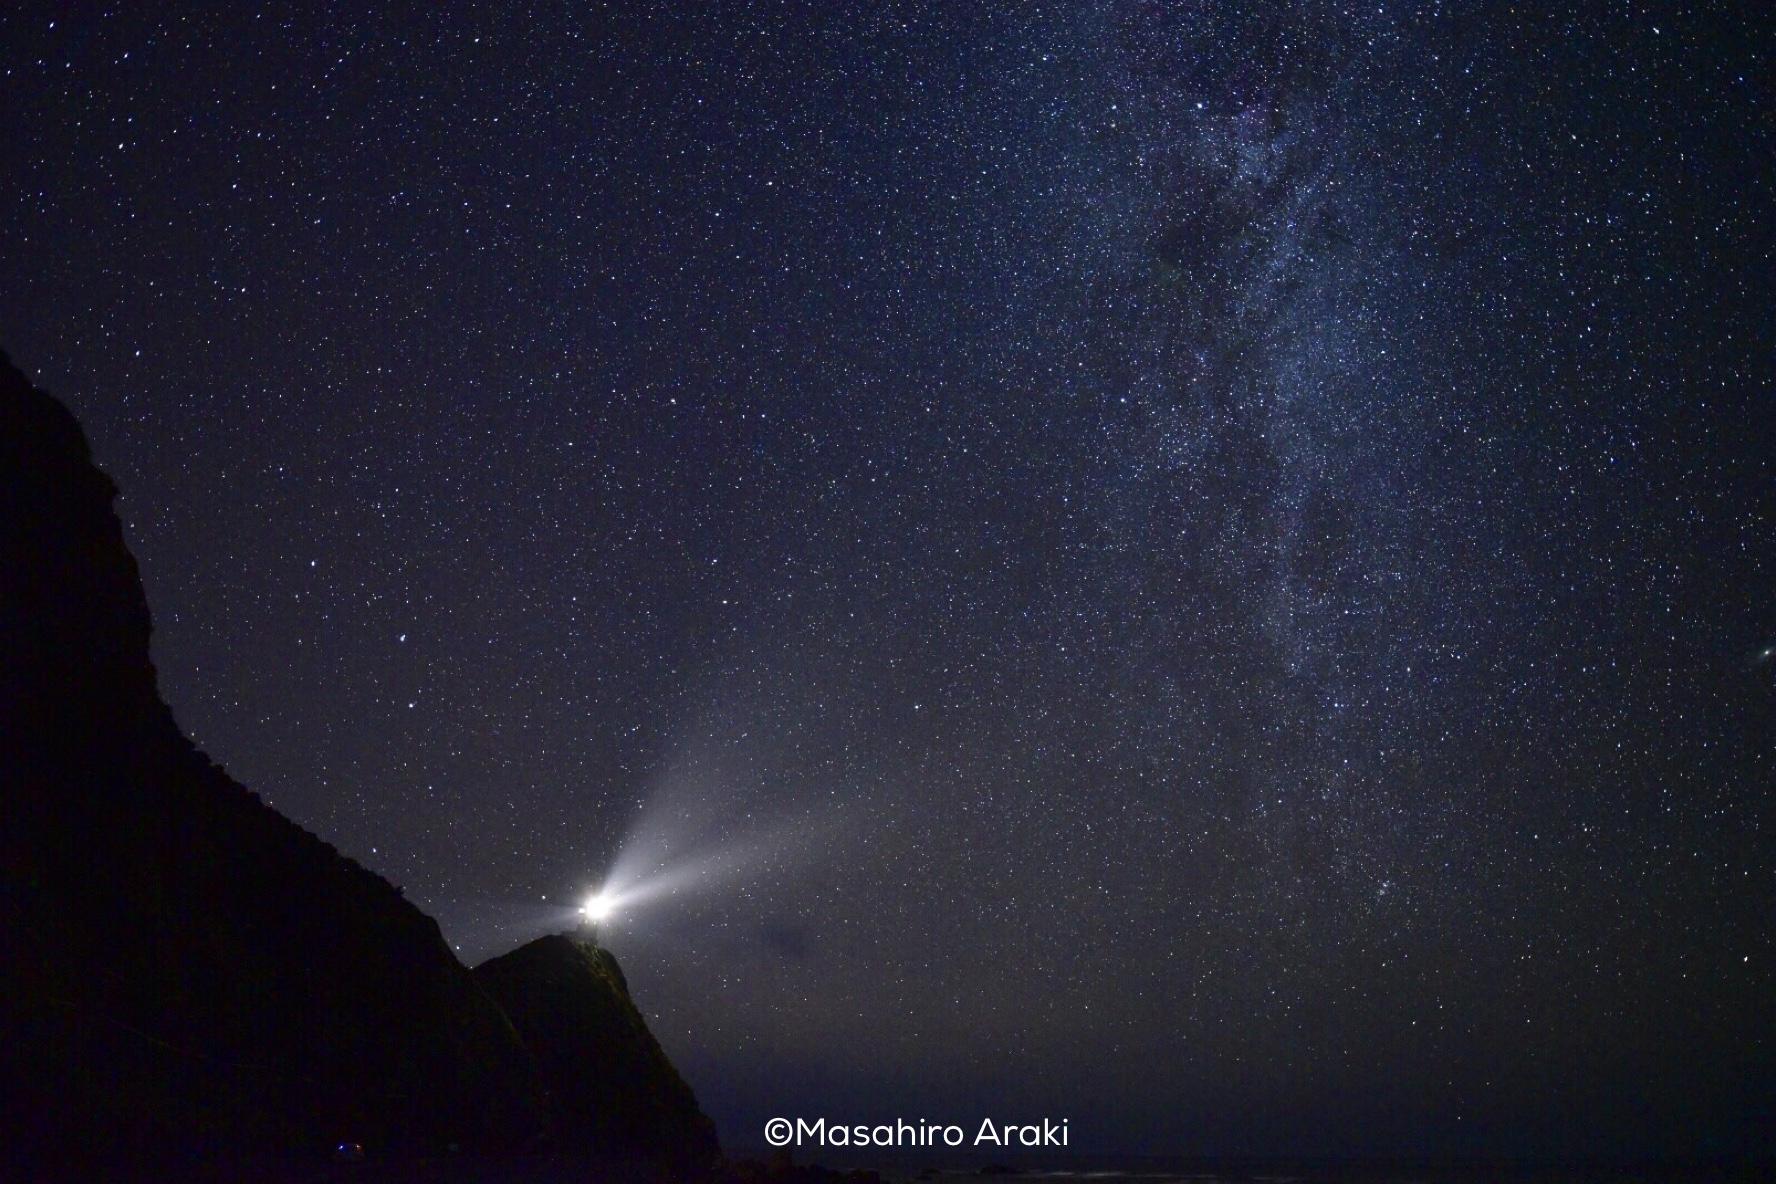 灯台方向に見える星空の写真001_11 のコピー